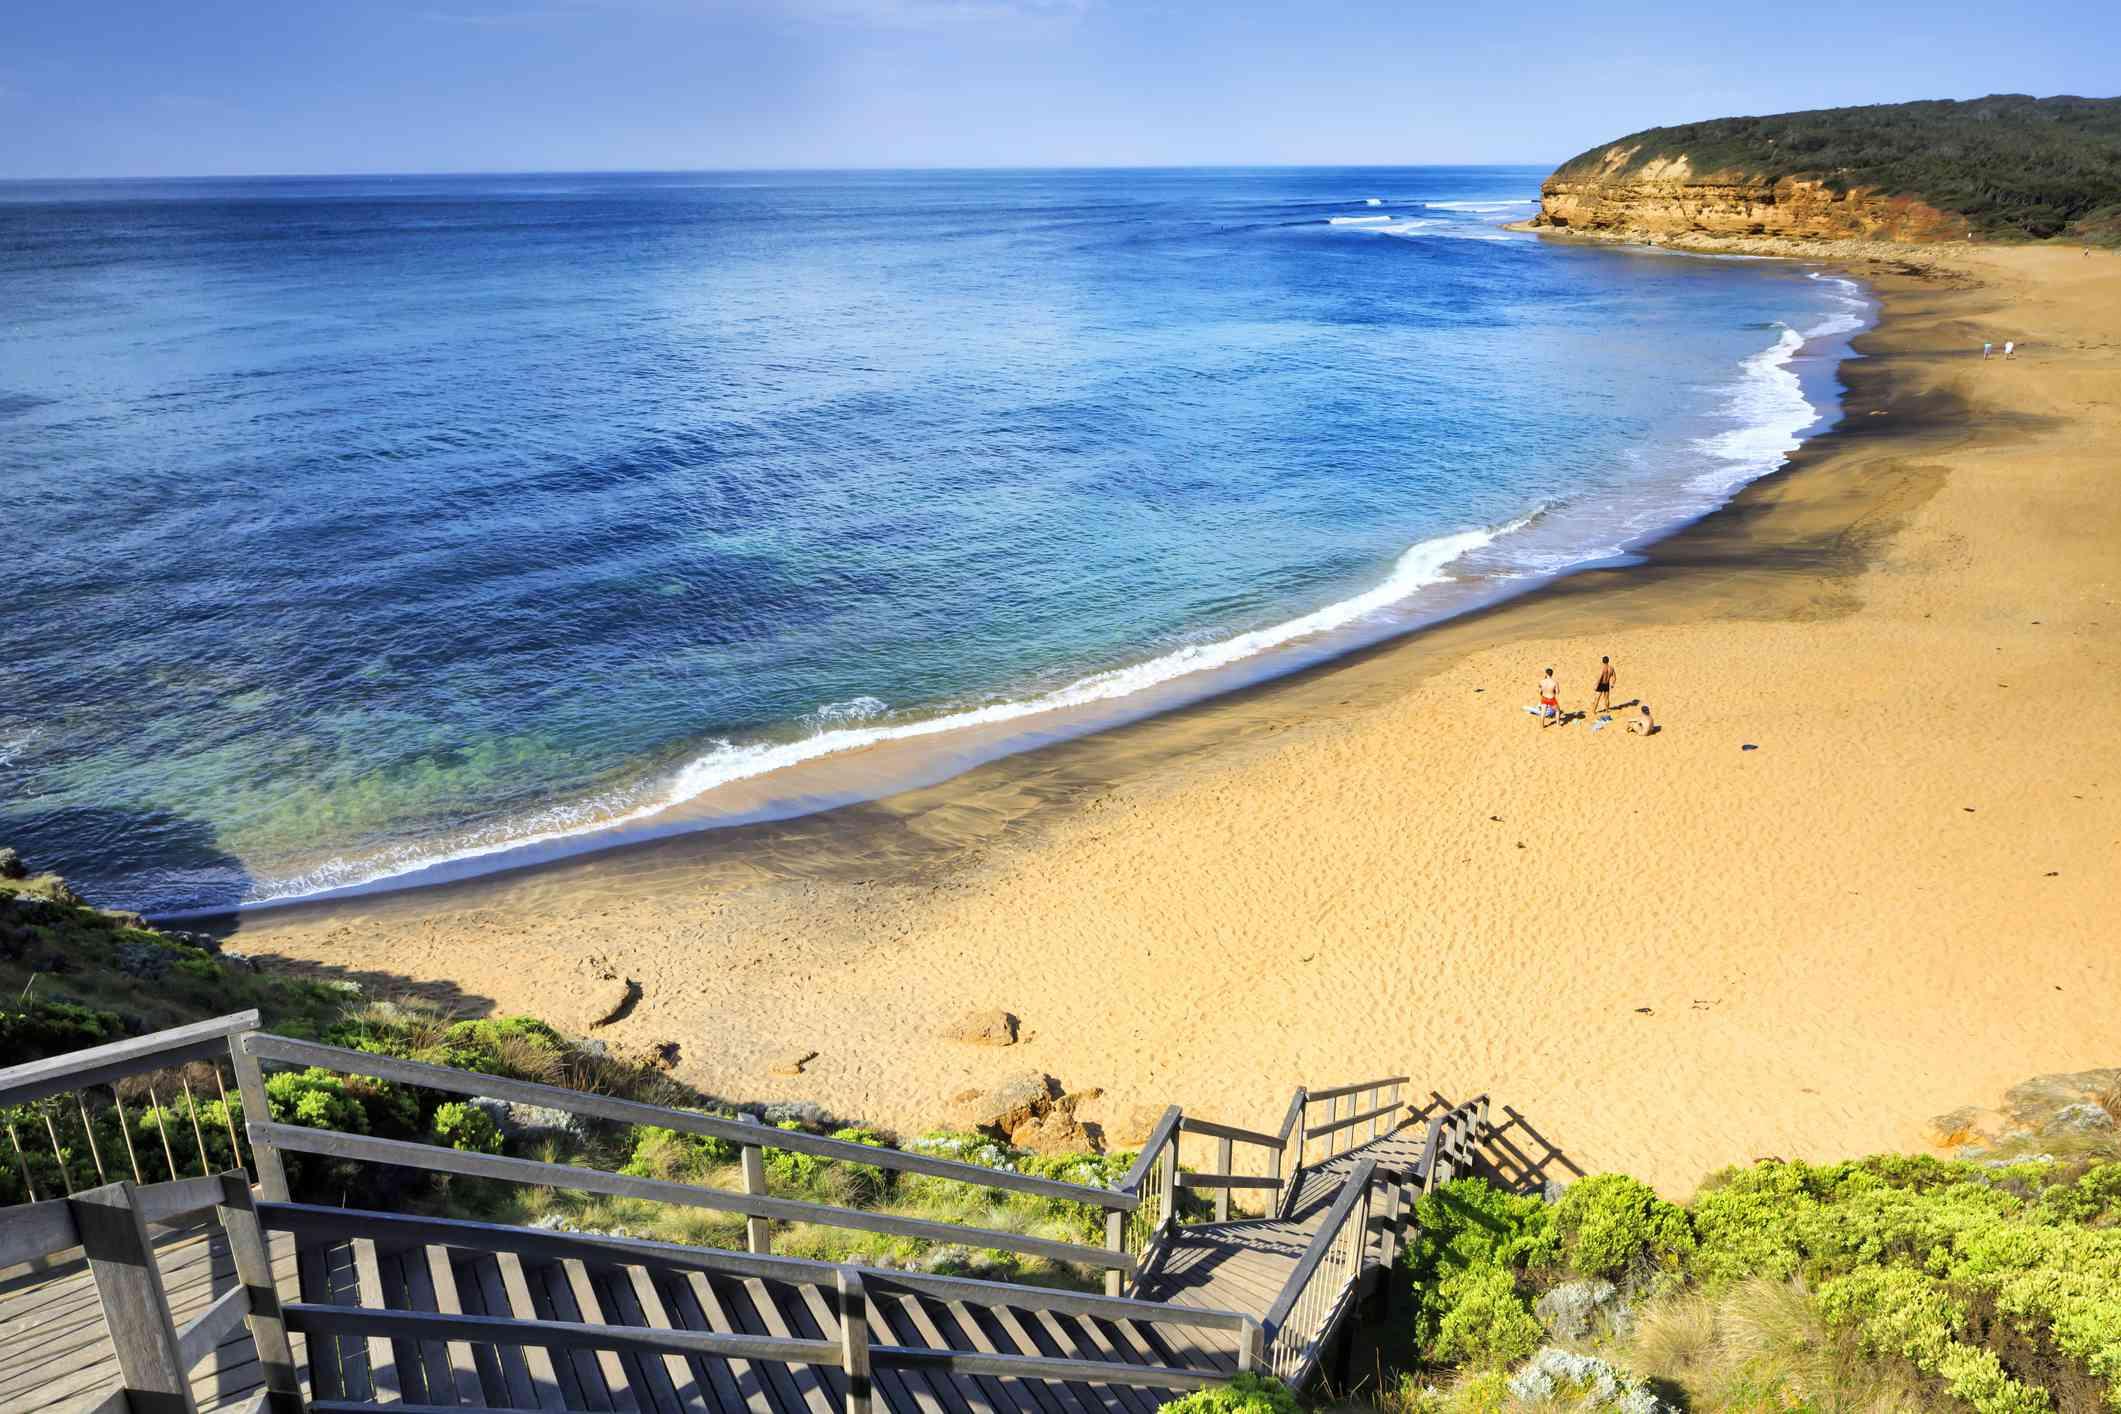 Disfrute en Bells Beach cerca Torquay, Victoria, Australia, Pacífico Sur